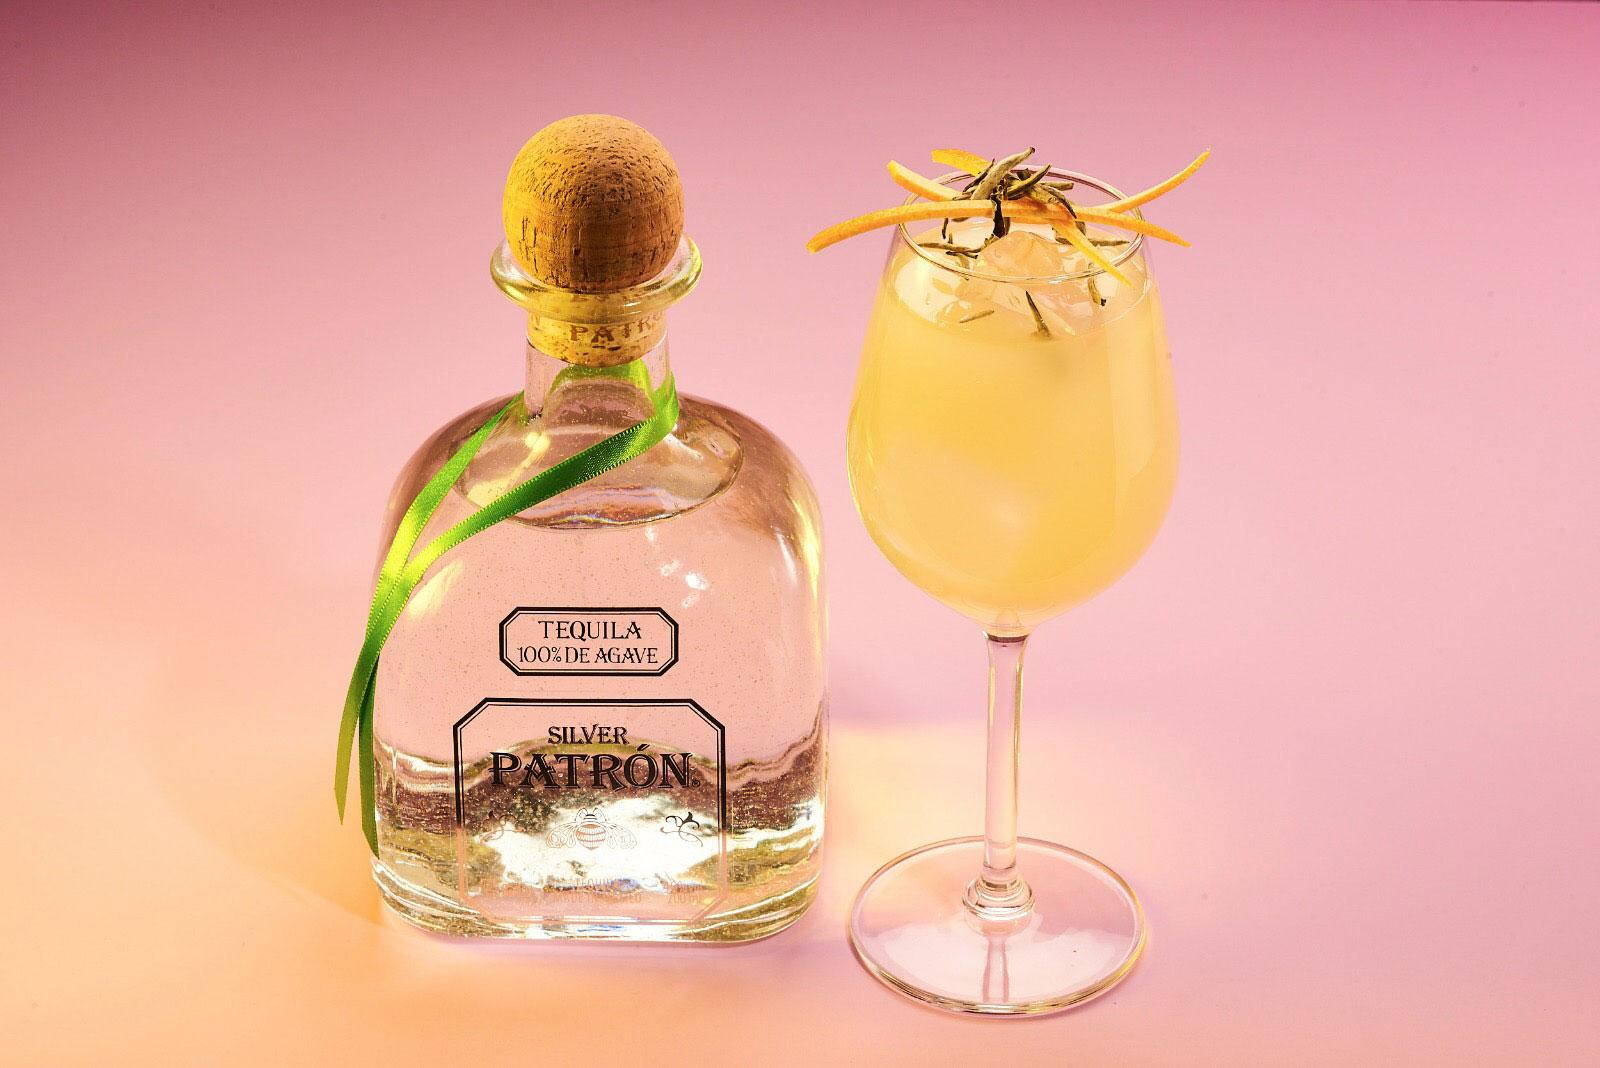 8-Patron-Tequila2017-09-07,-14-45-17